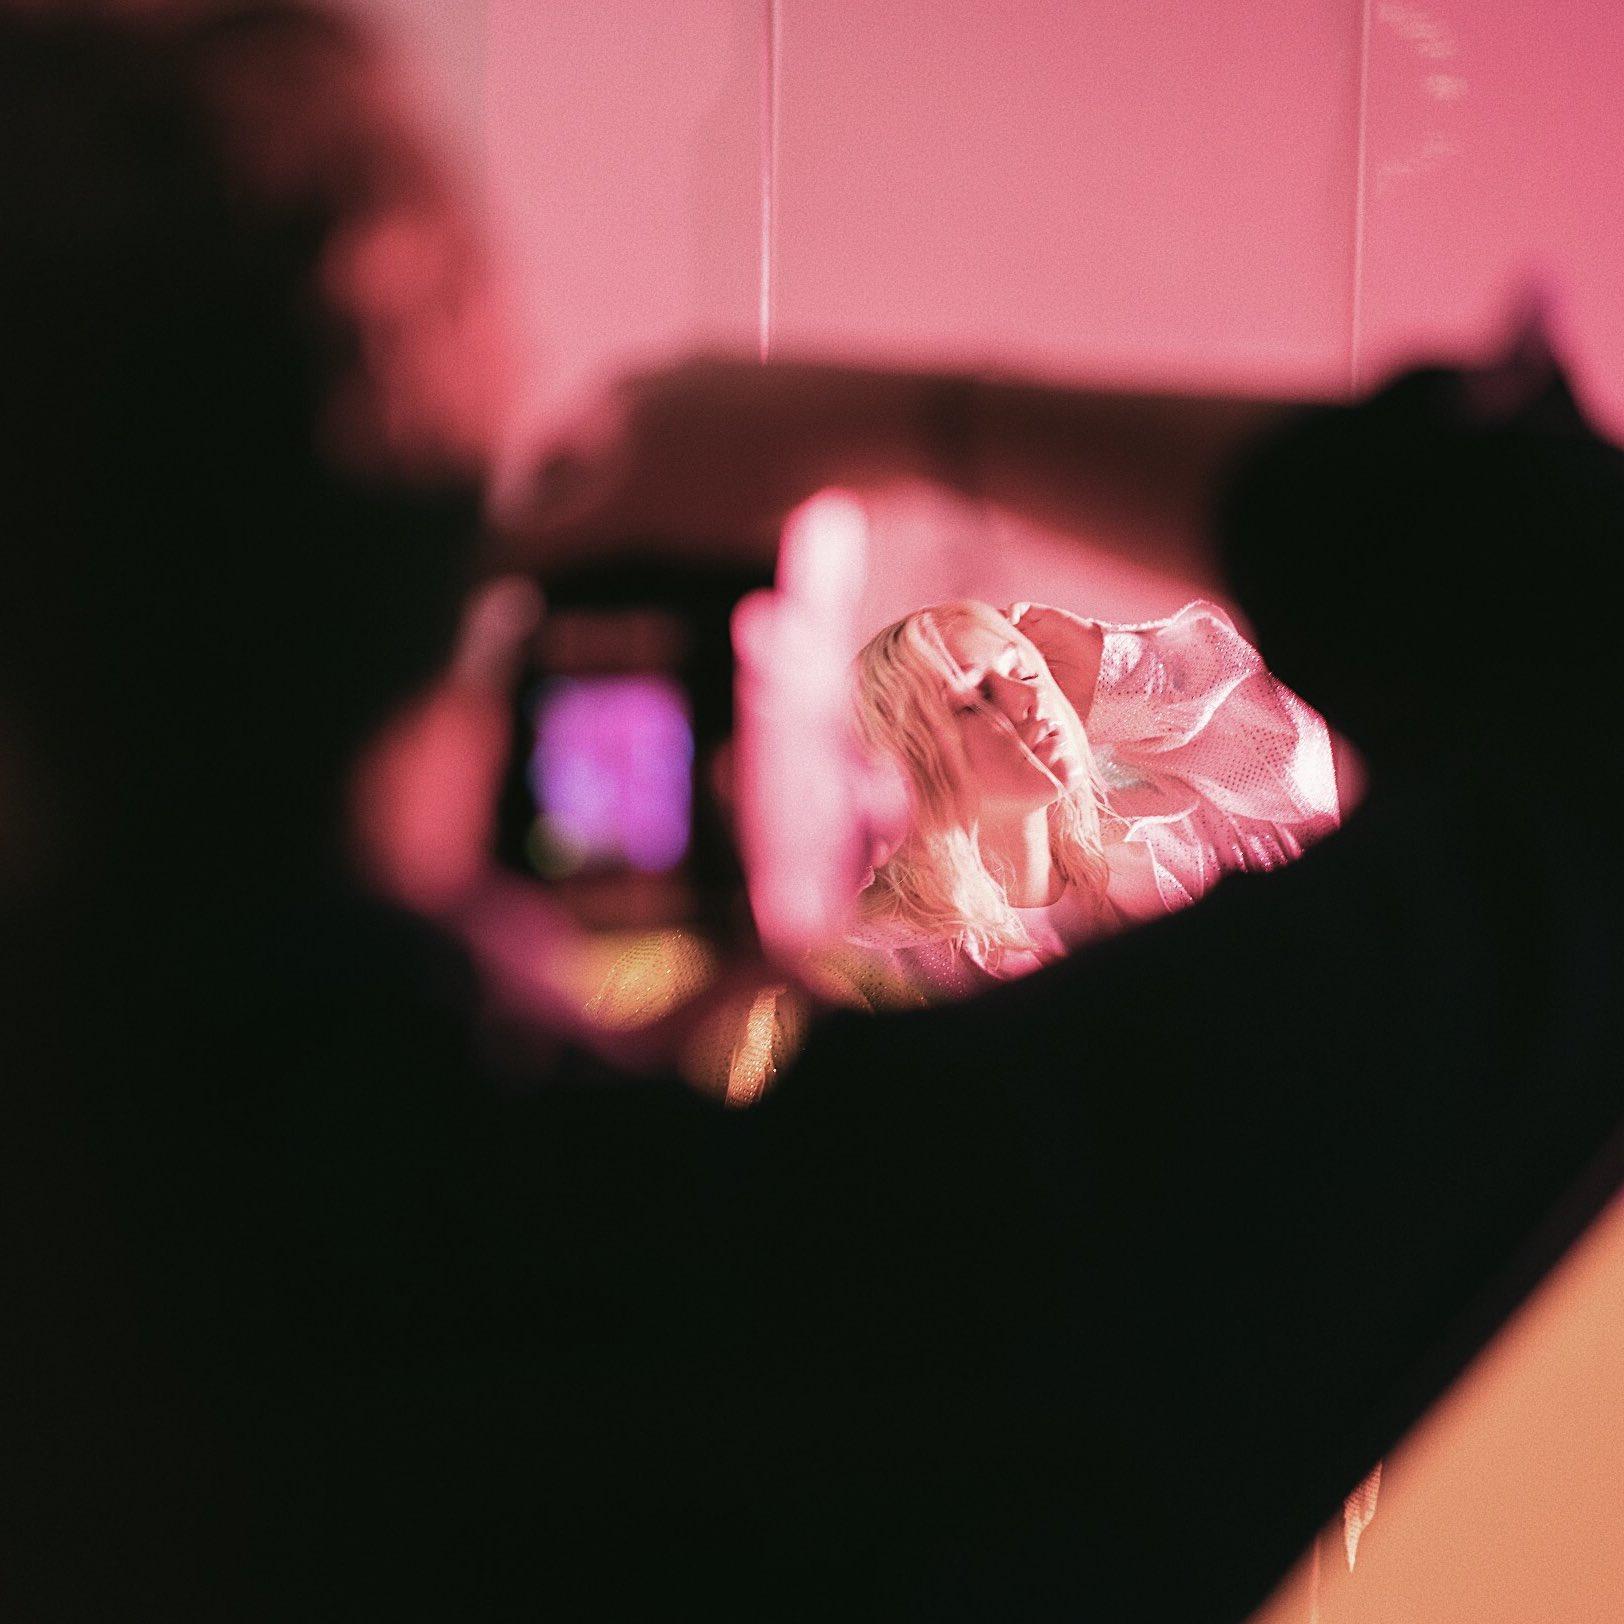 Christina Aguilera DcB5eGOV0AIIAz0